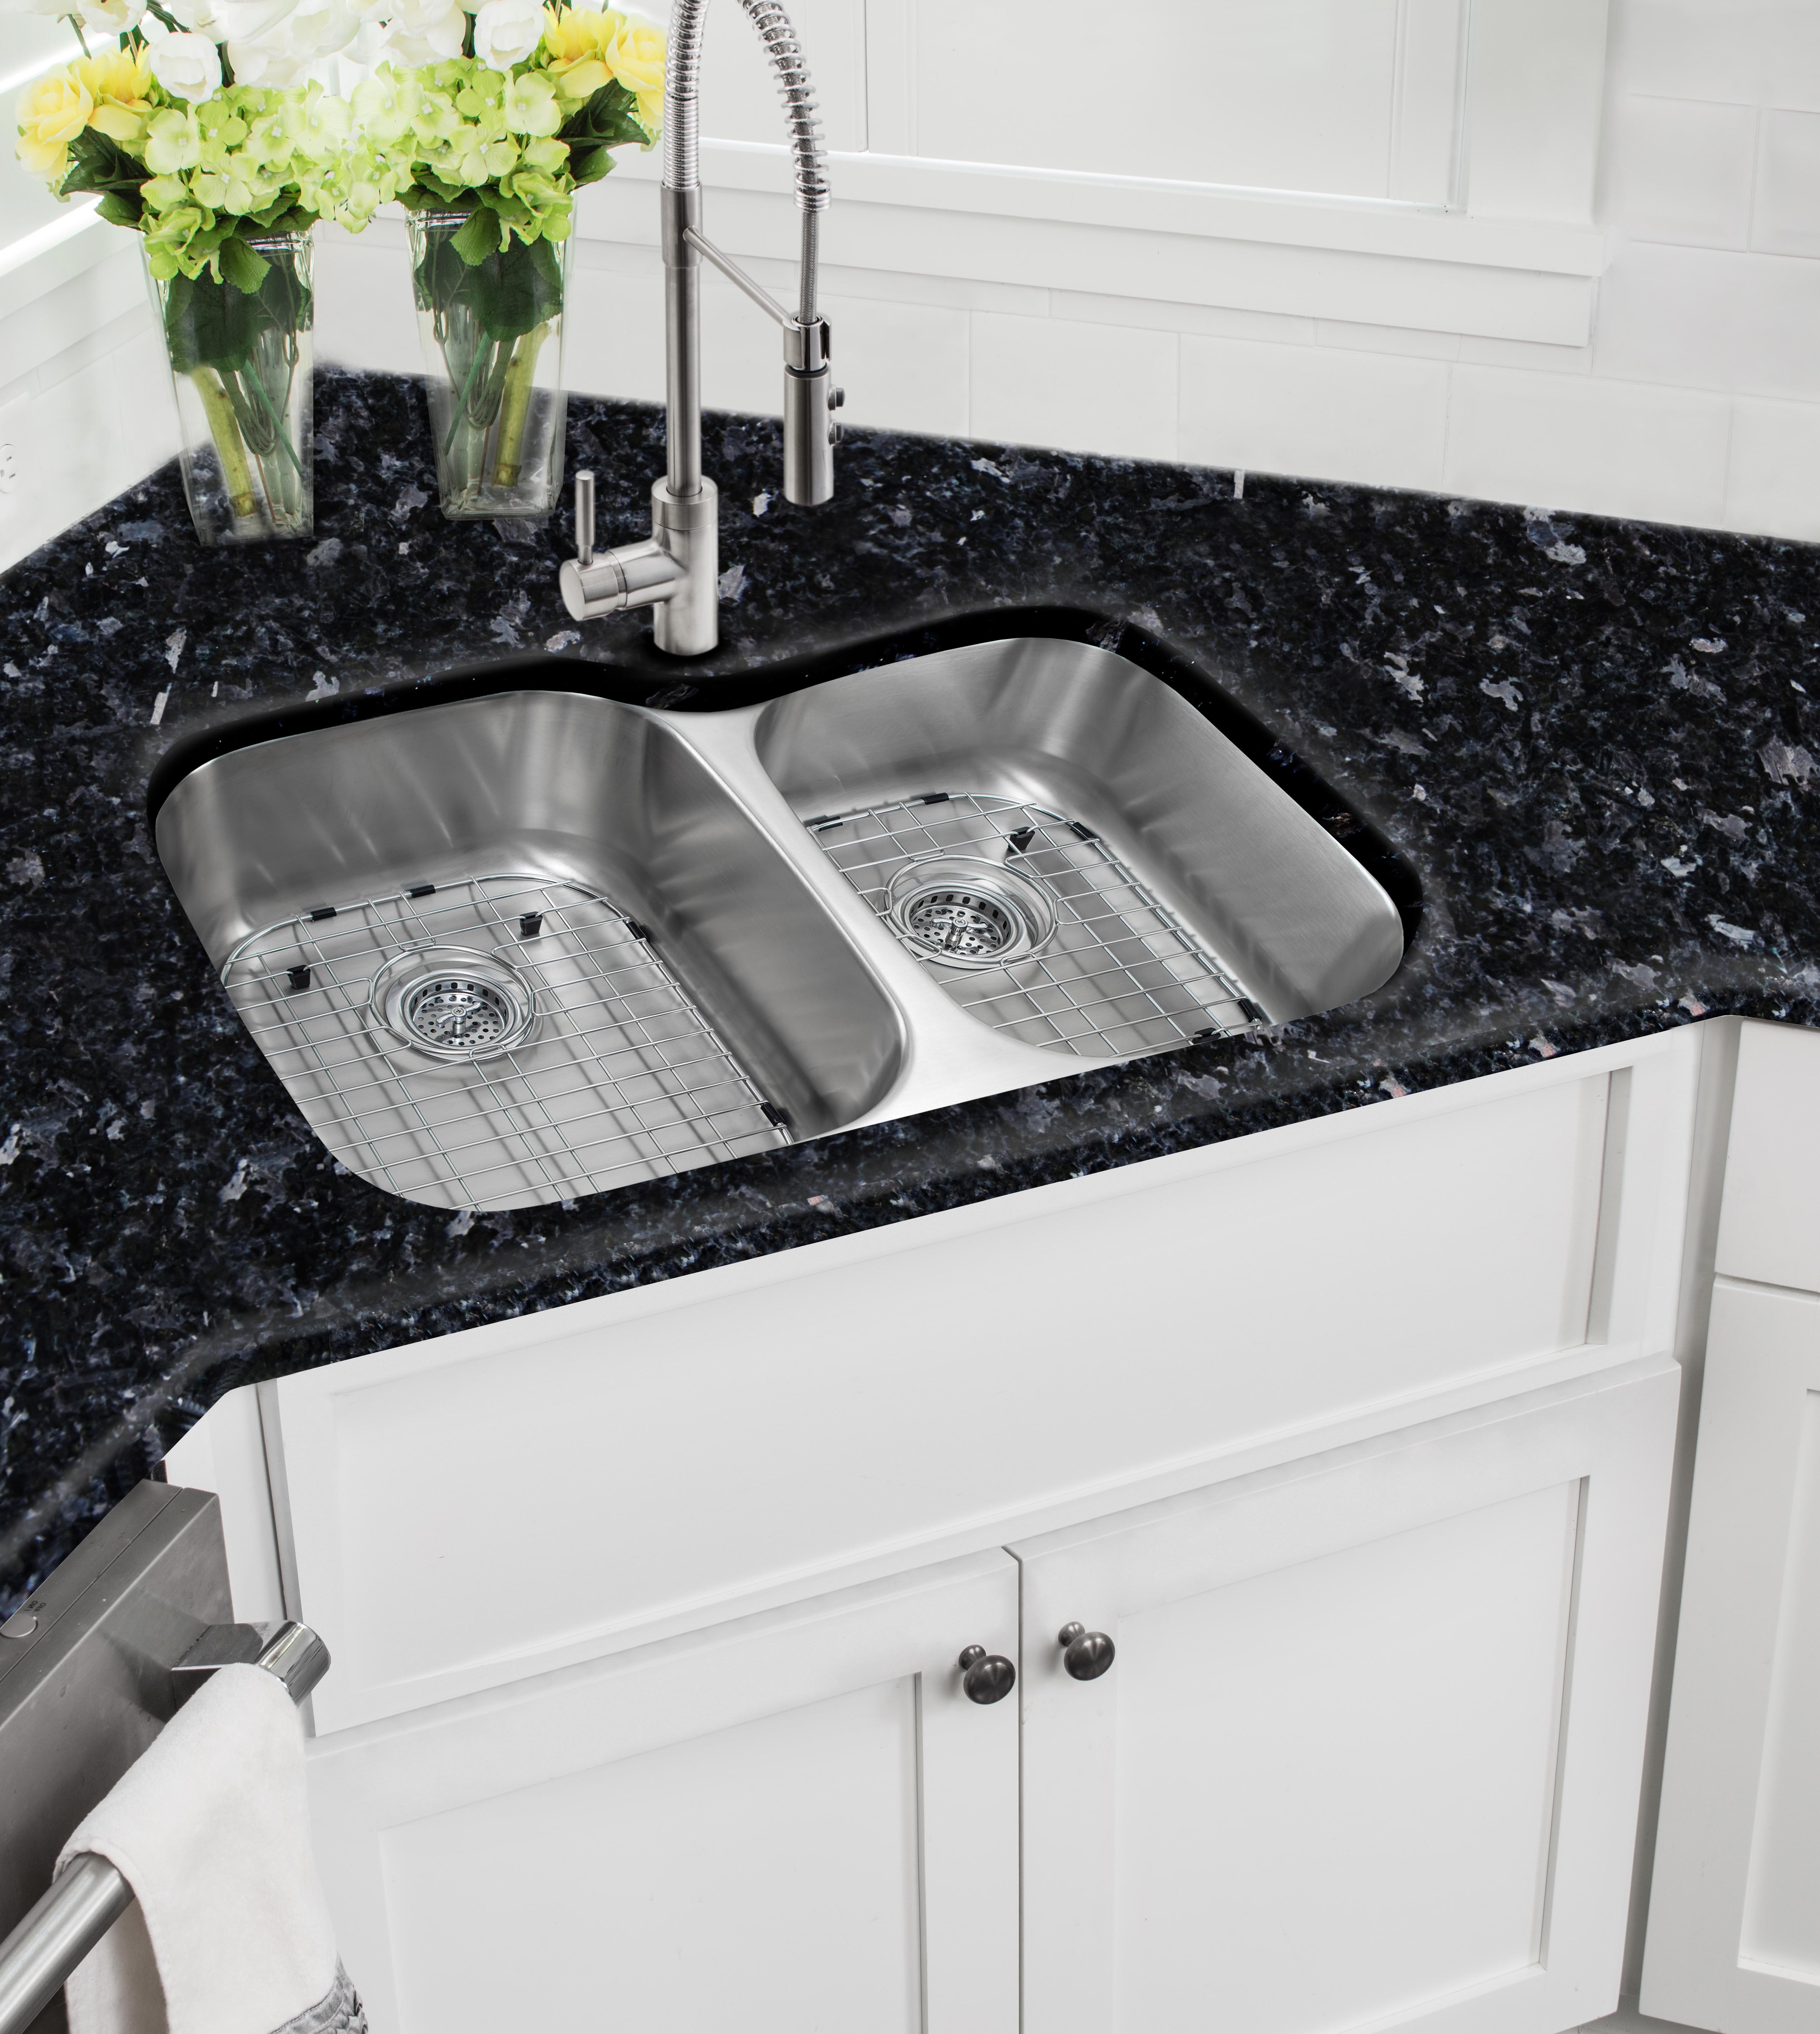 60 40 Kitchen Sink Faucet Placement 60 40 Sink Kitchen Faucet